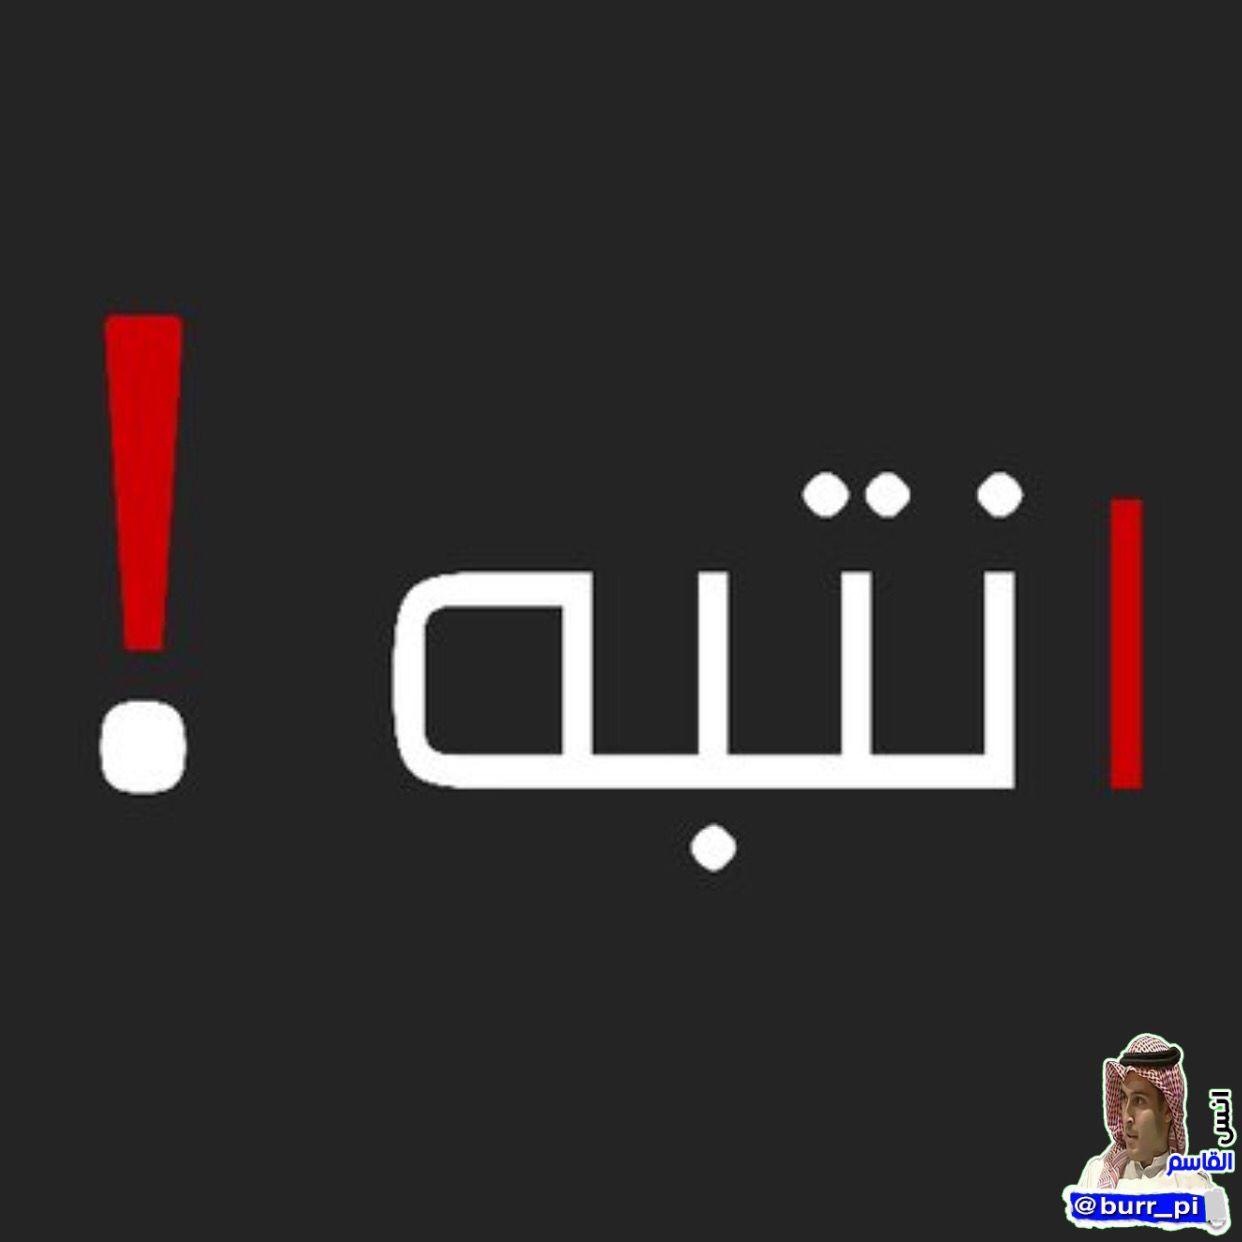 انتبه الليلة وترية 27 رمضان قال رسول الله ﷺ التمسوا ليلة القدر ليلة سبع وعشرين وقال الصحابي الجليل كاتب الوحي أ بي بن كع Gaming Logos Letters Logos